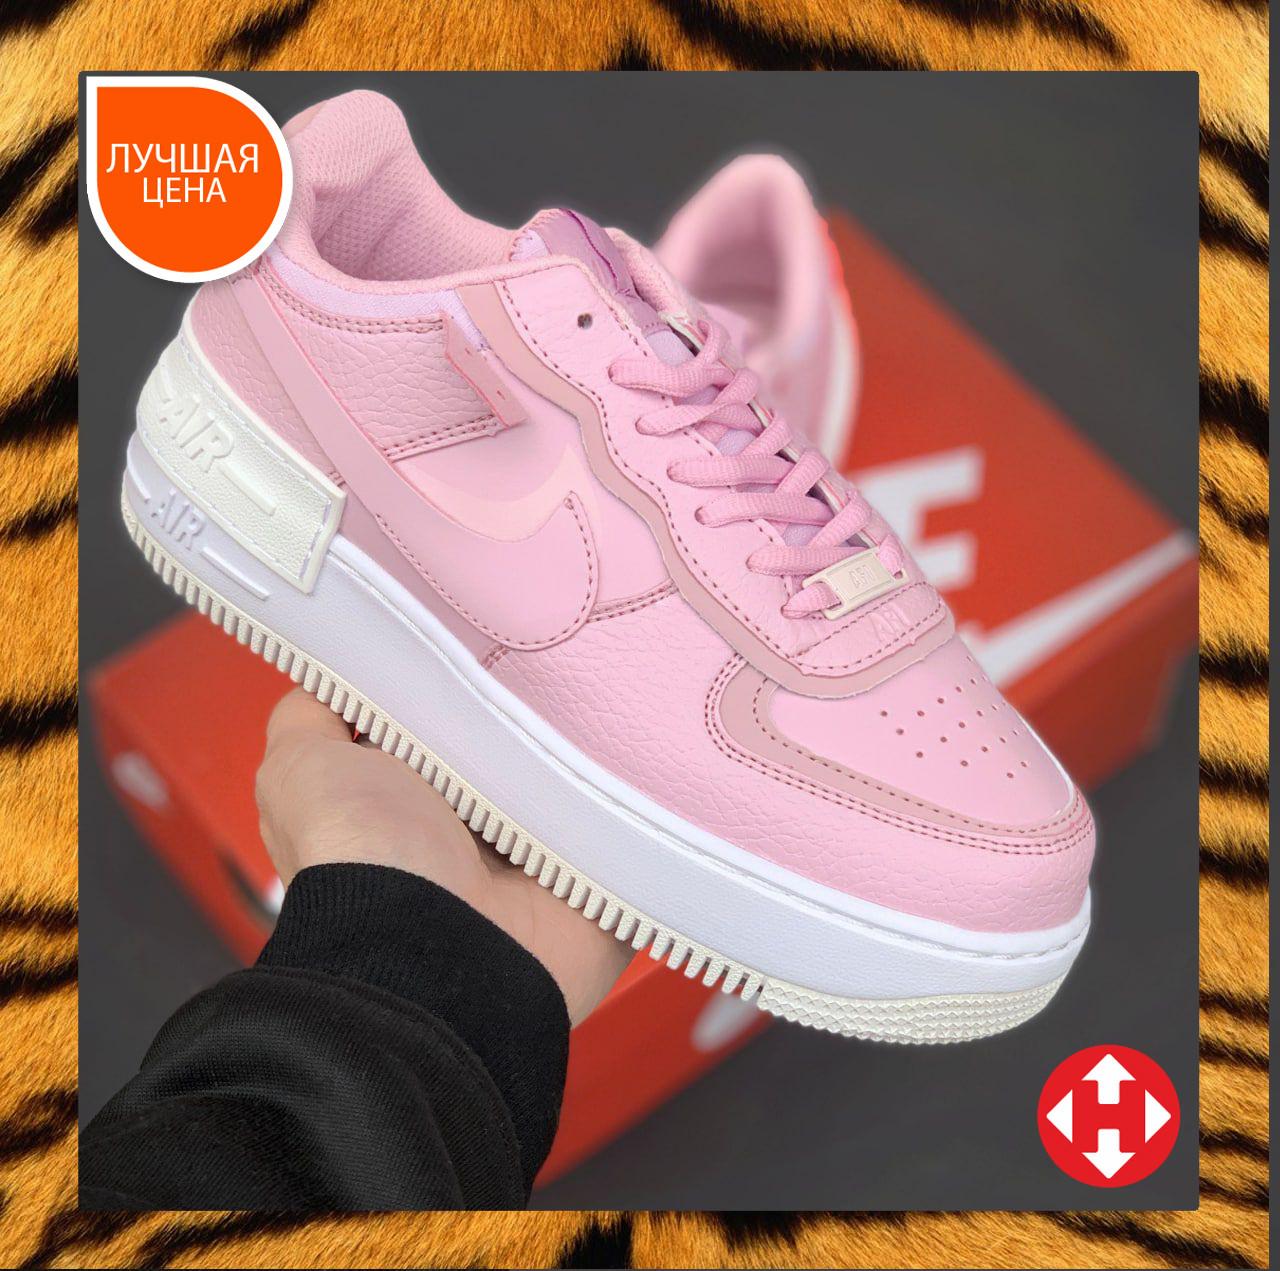 🔥 Кроссовки женские Nike Air Force Shadow найк эир форс шедоу розовые повседневные спортивные кожаные